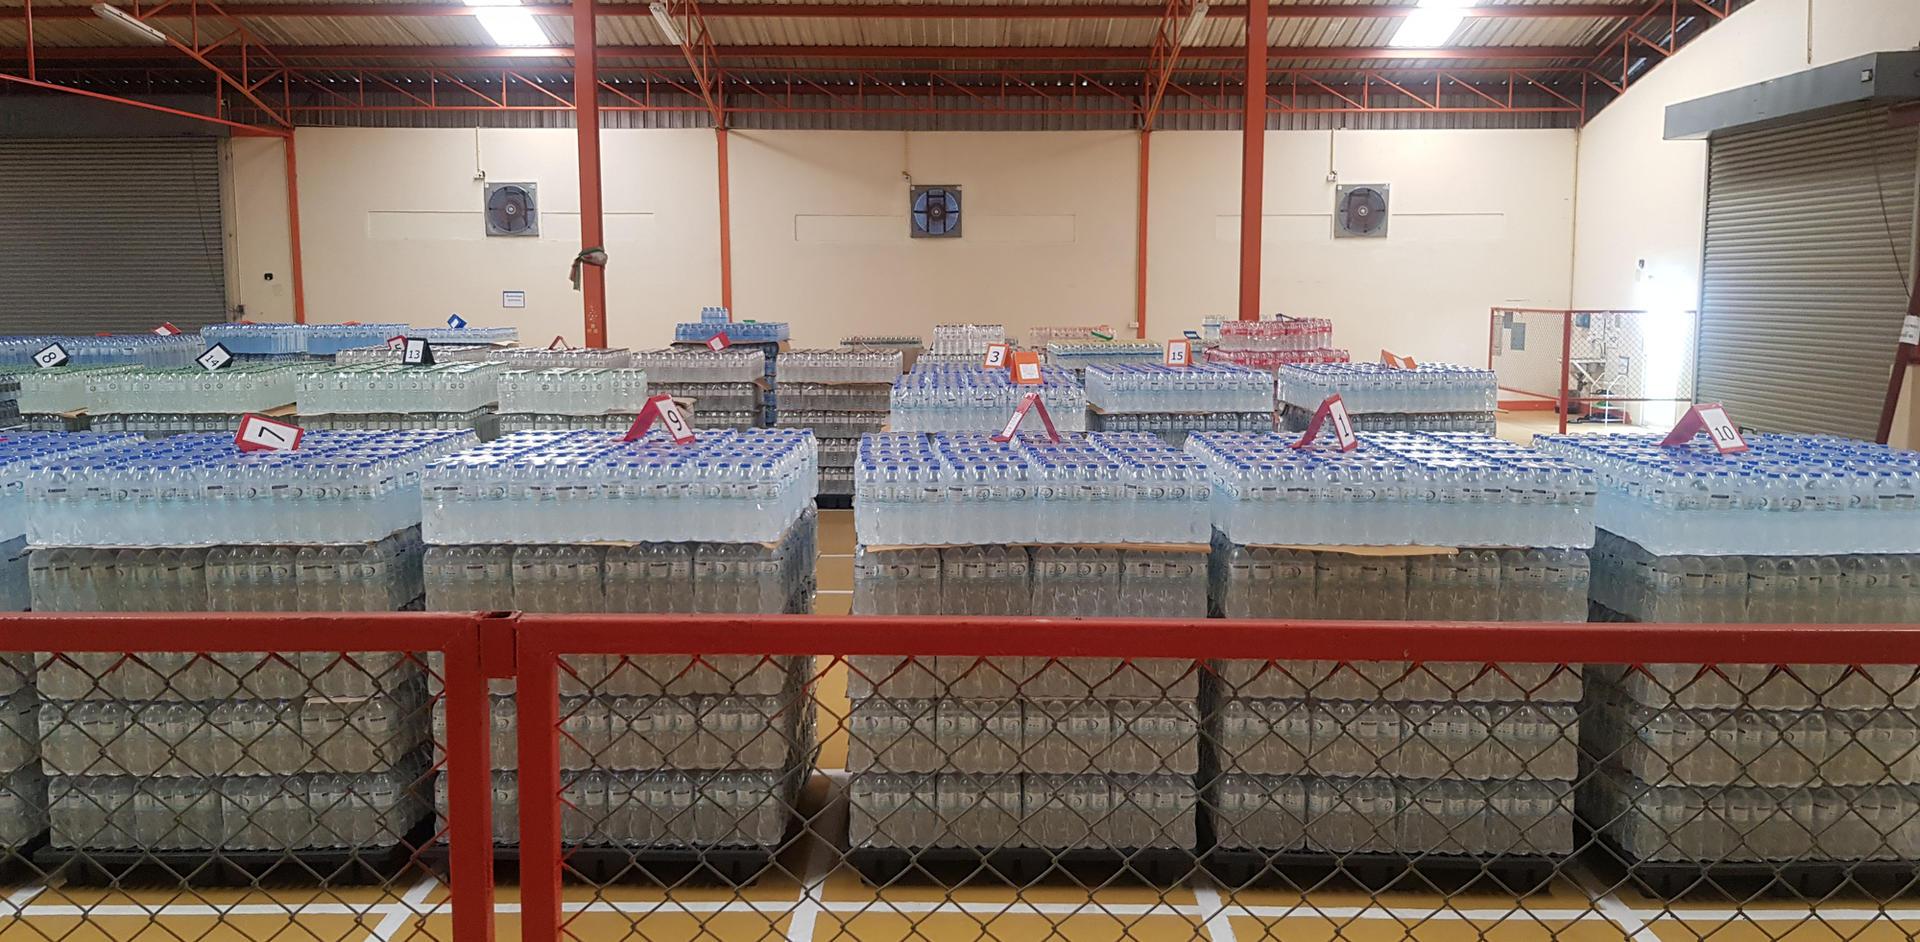 พื้นที่เก็บสินค้า โรงงานผลิตน้ำดื่ม Lifeplus Water